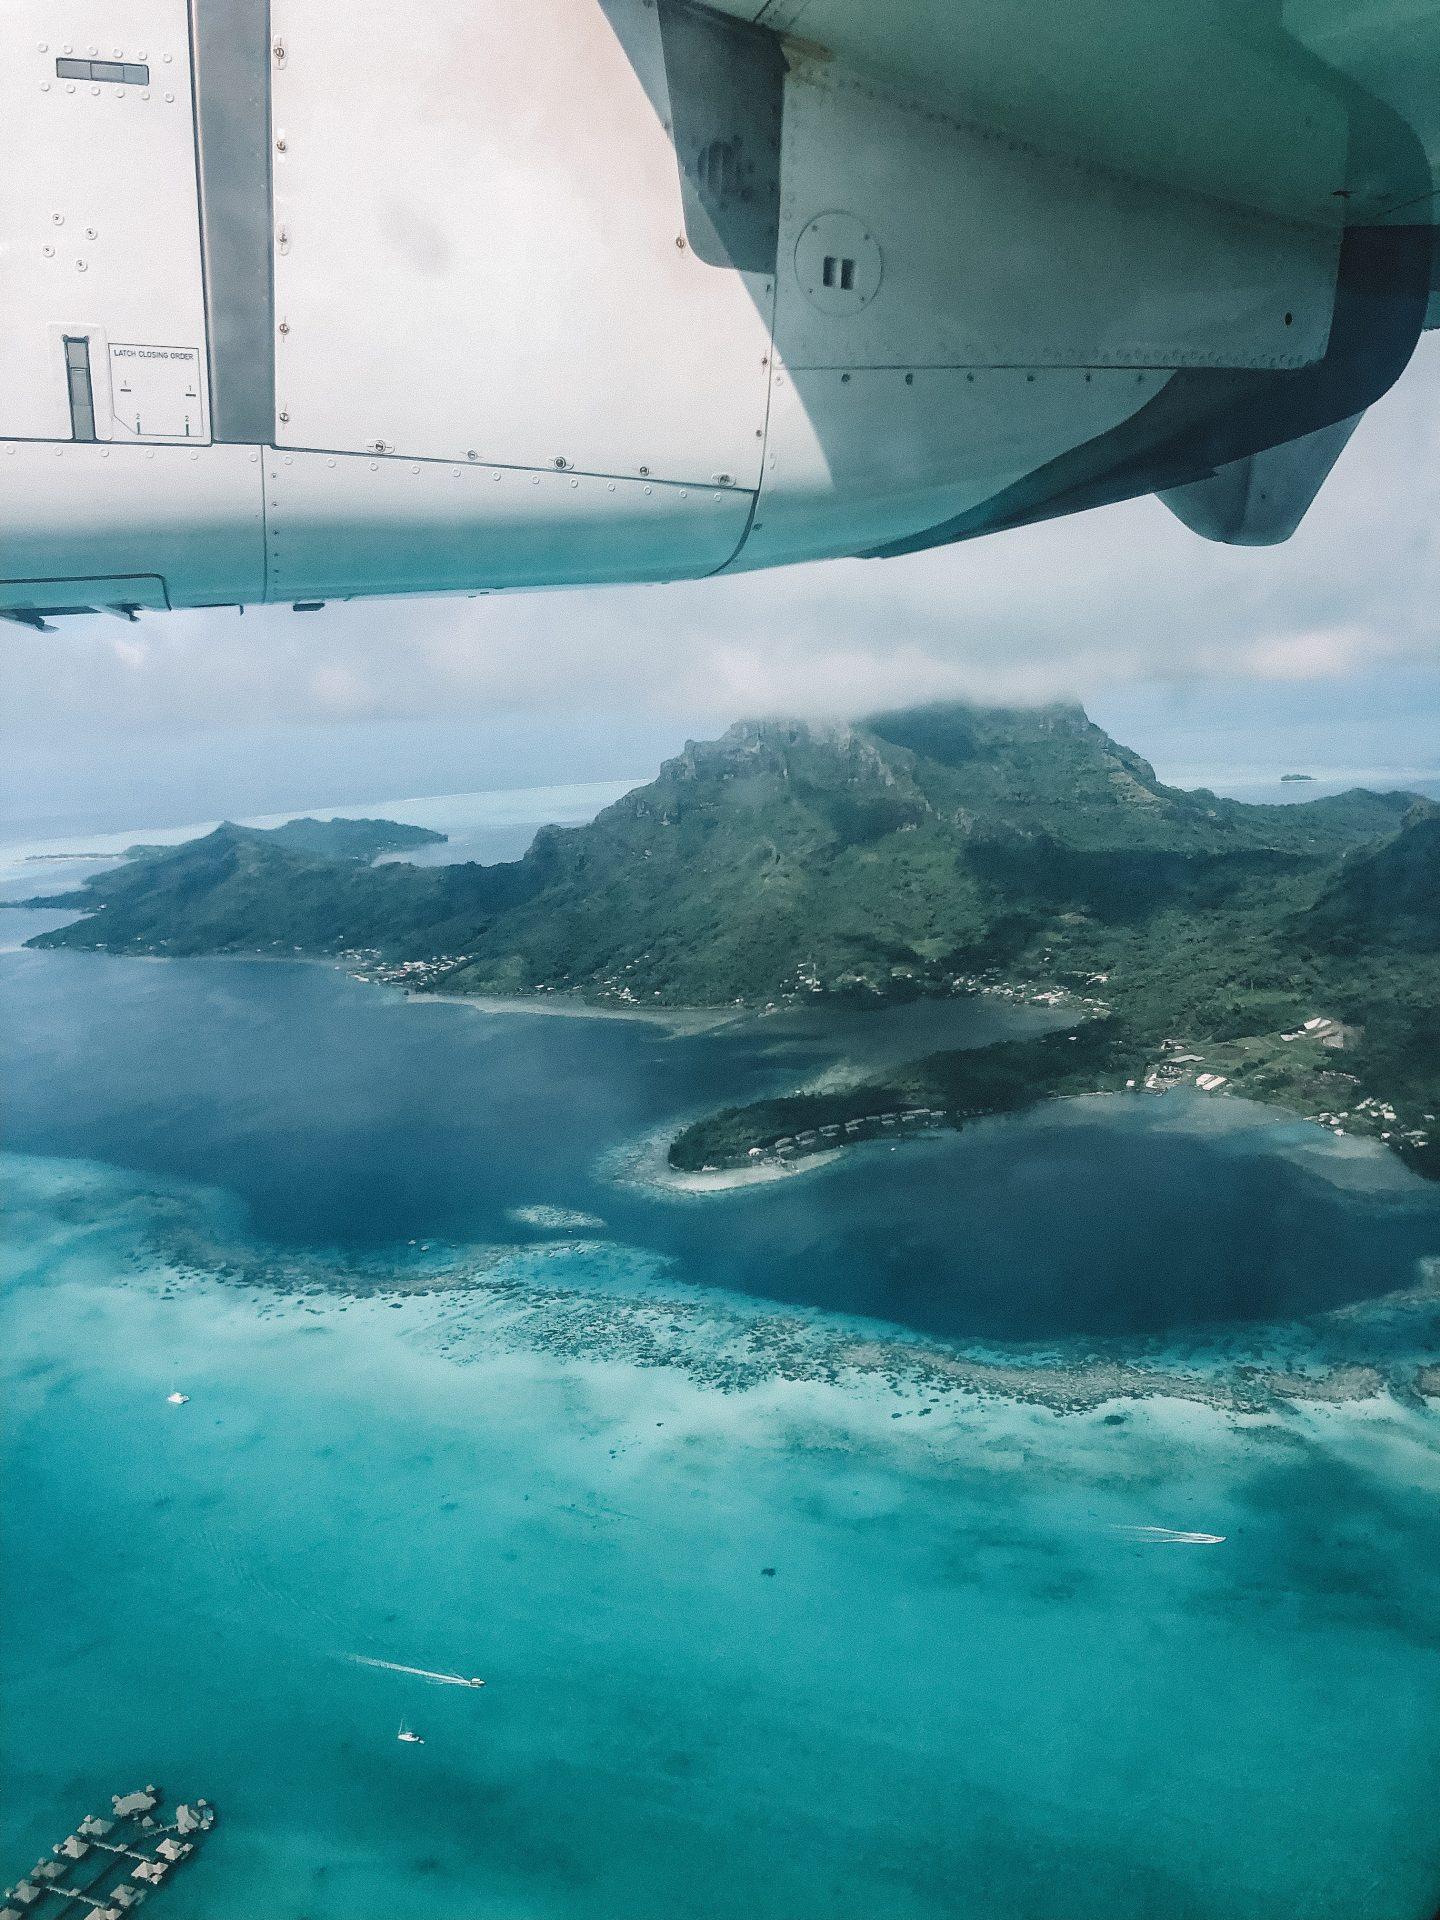 Avion Bora Bora - Blondie Baby blog voyages et mode